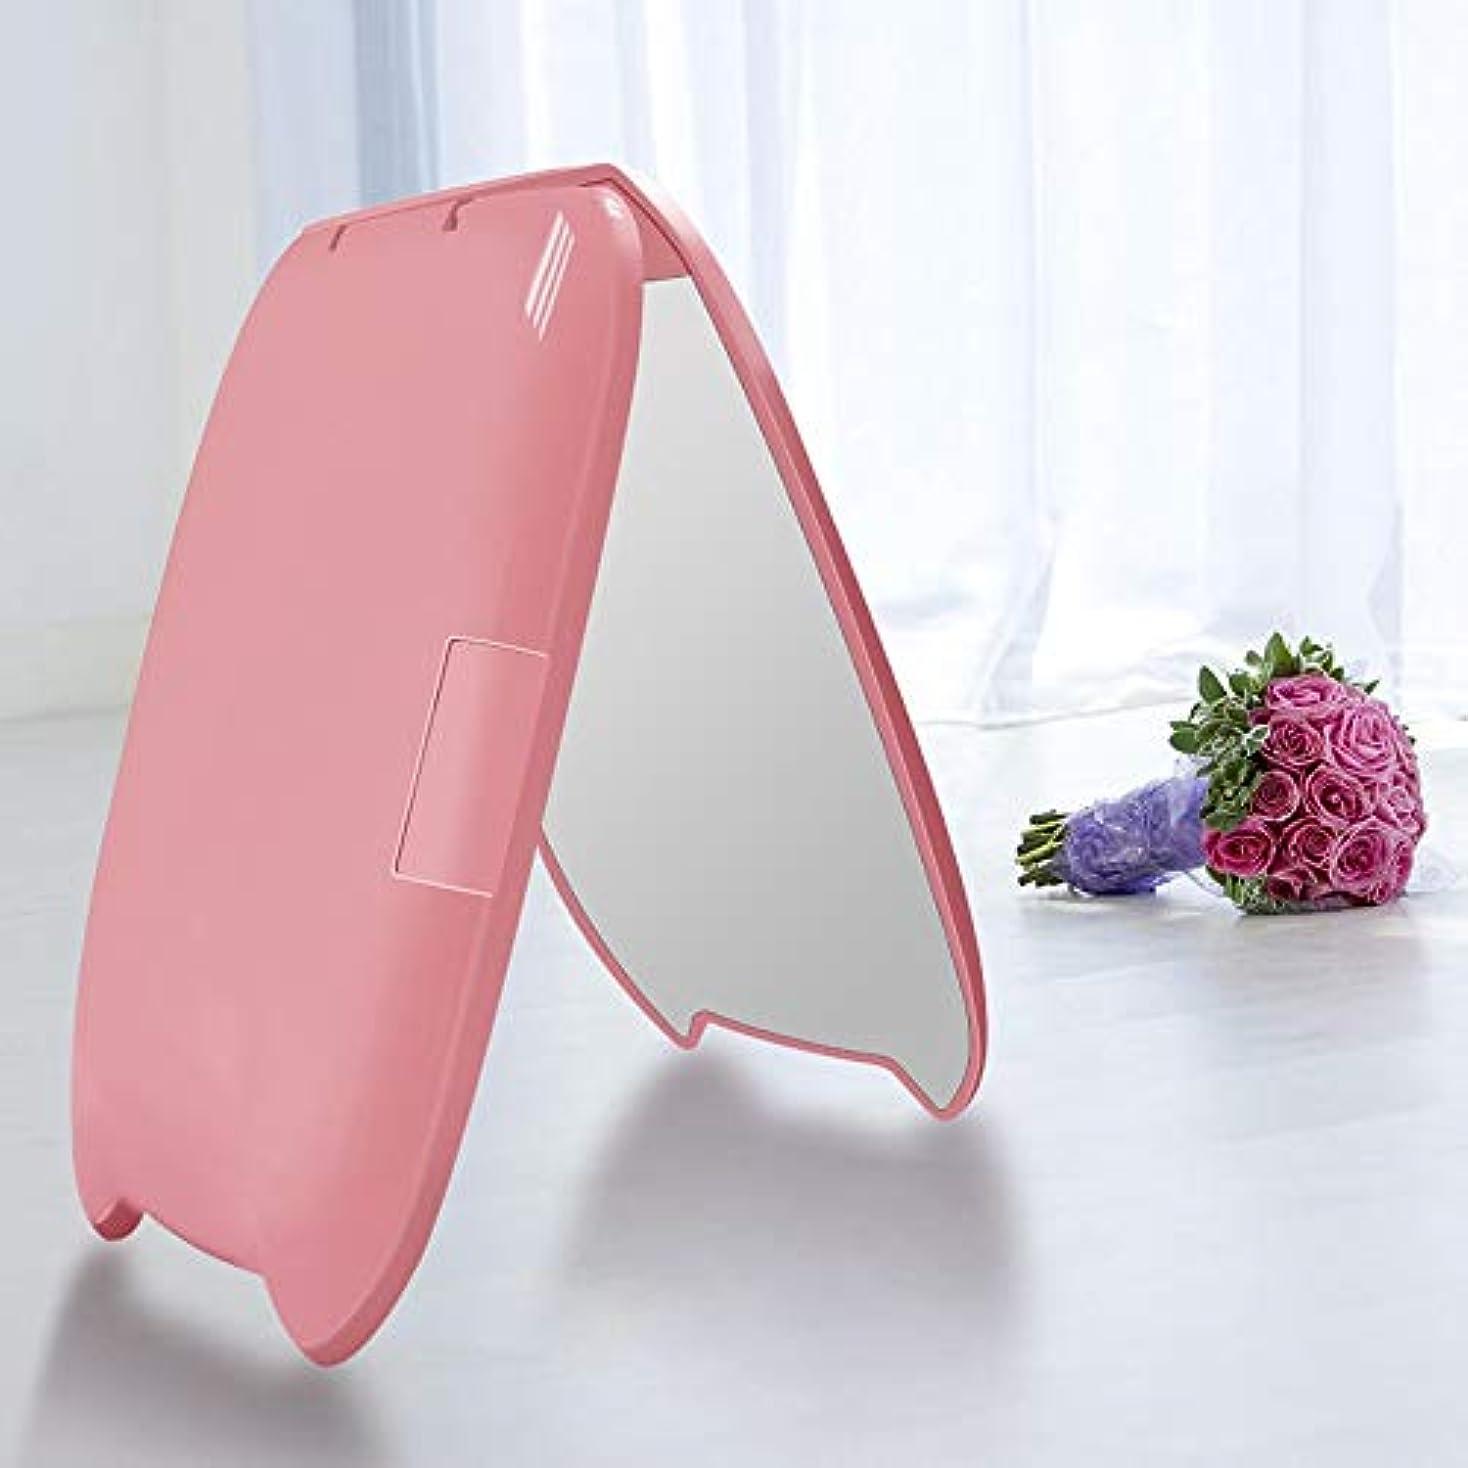 排泄する合計十一流行の ミニポータブル猫耳LED化粧鏡2回化粧小さな化粧鏡美容鏡化粧鏡ピンク